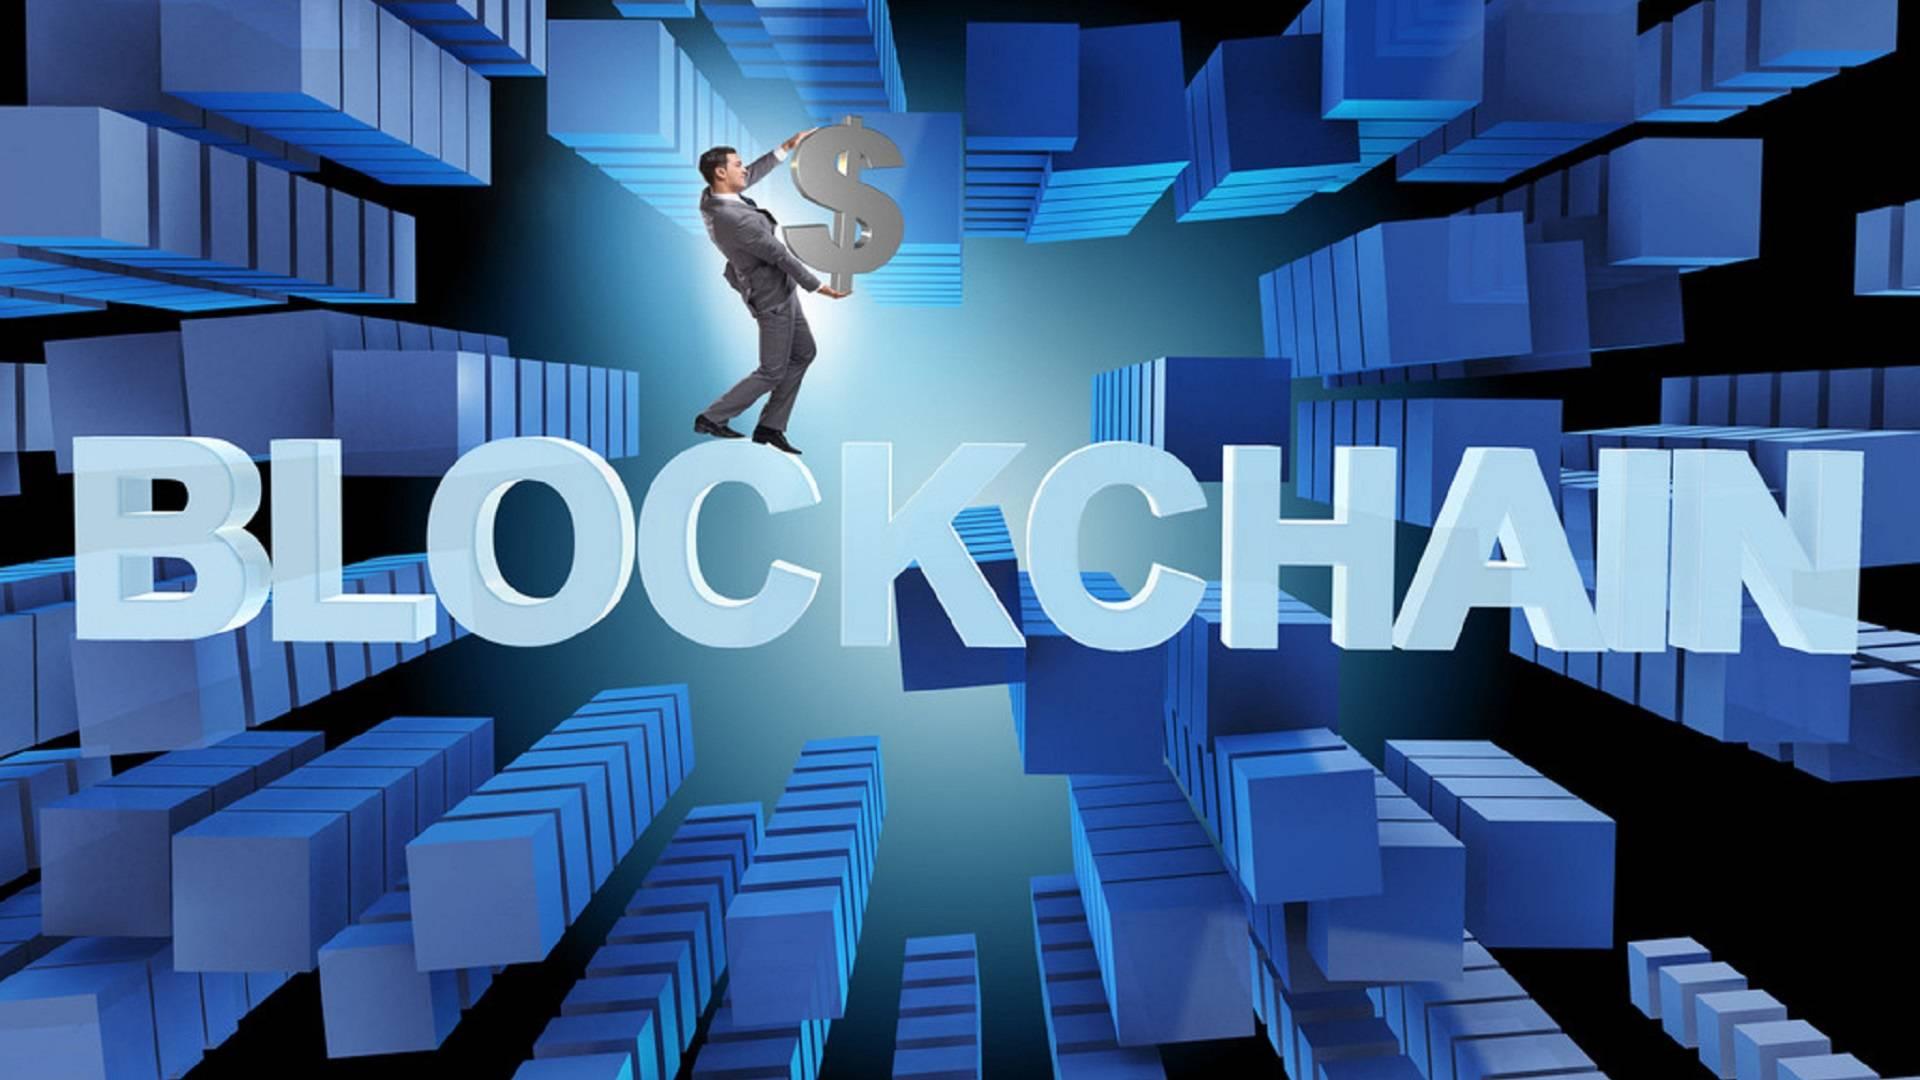 2018年區塊鏈行業應用研究報告(下篇)